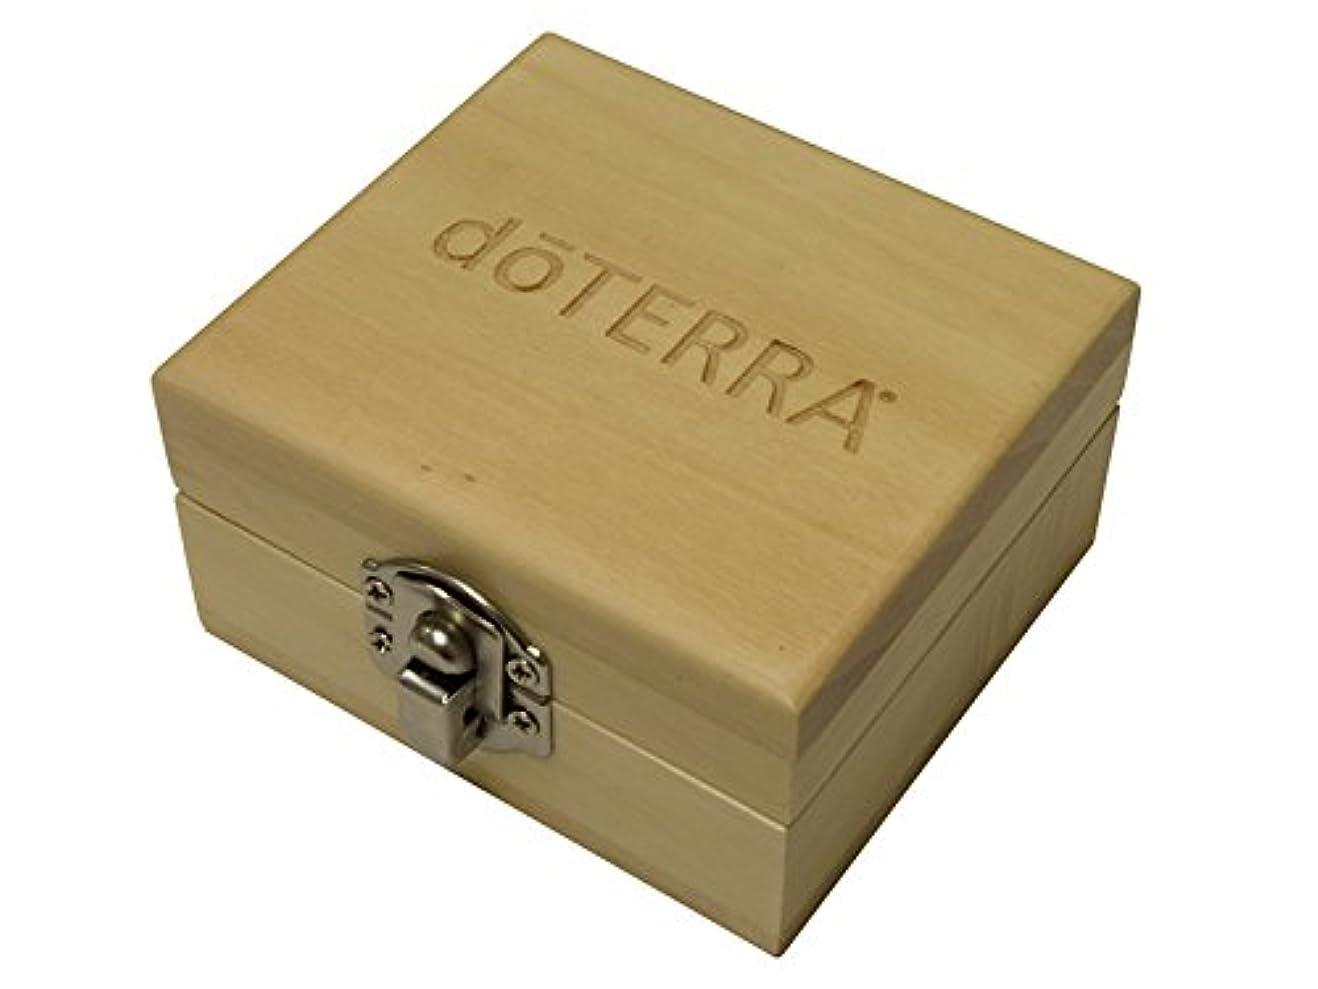 直面する義務付けられた封筒(ドテラ) doTERRA ウッドボックス ライトブラウン ミニサイズ 木箱 エッセンシャルオイル 精油 整理箱